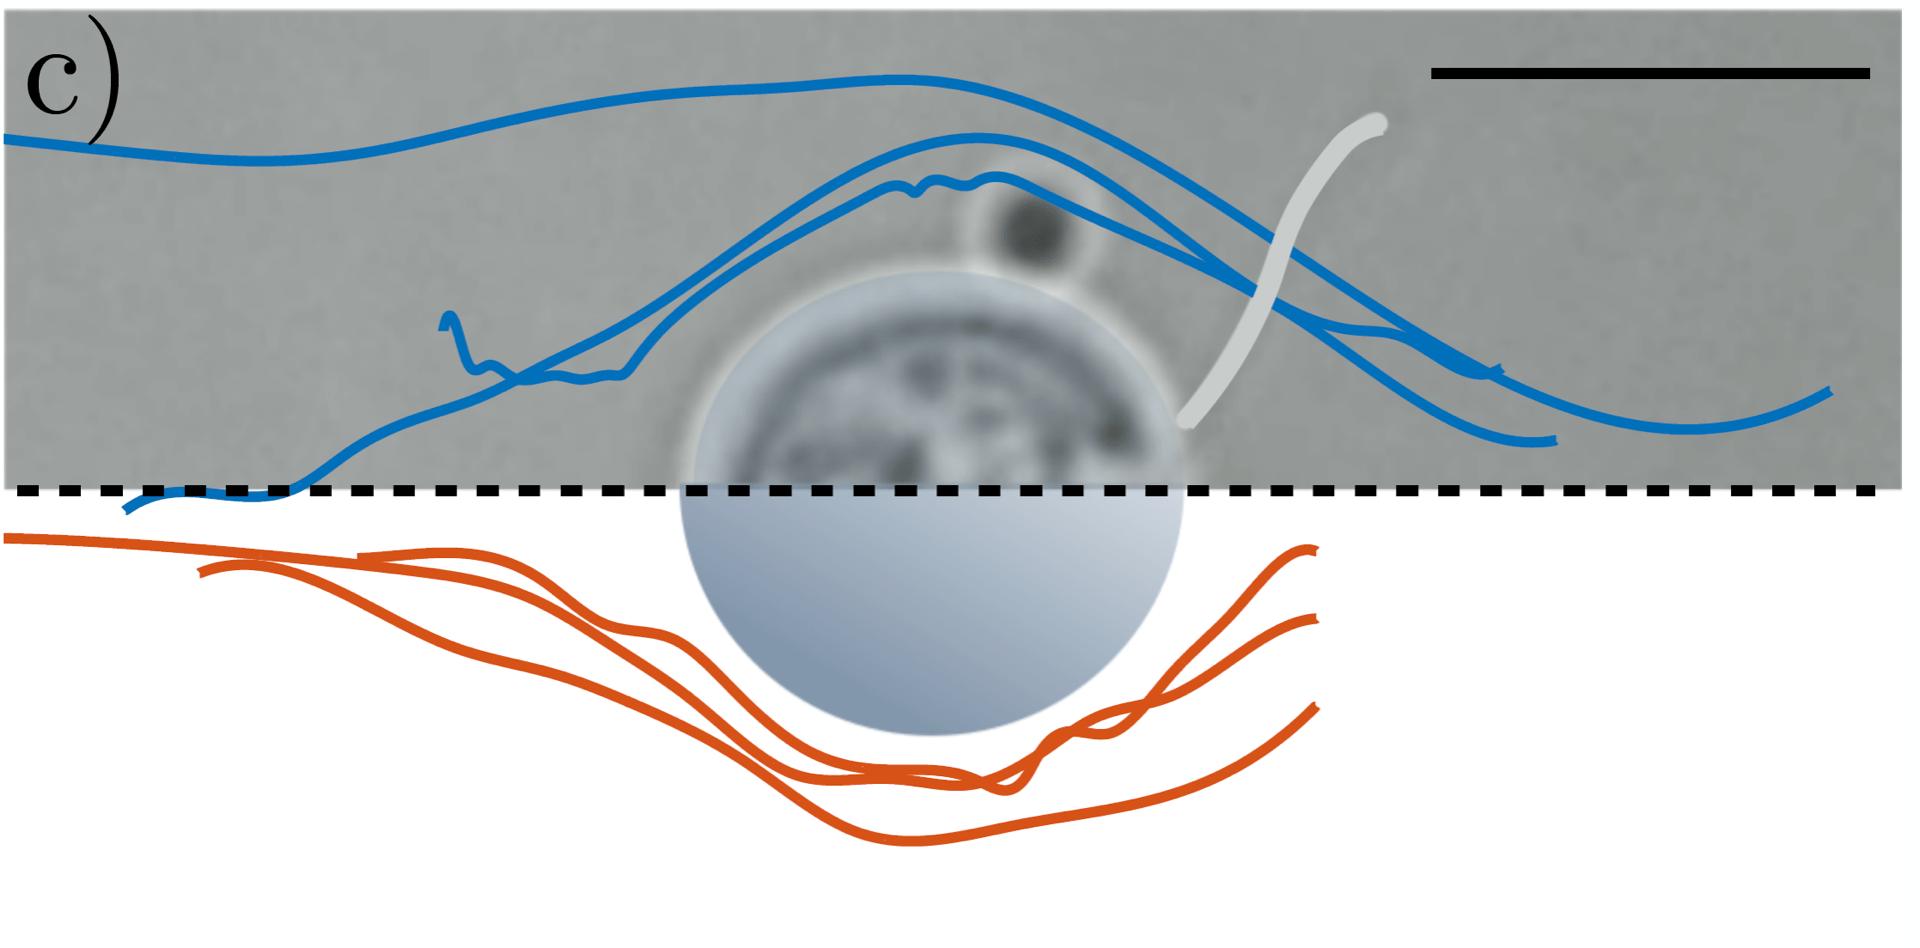 Juegos Y Accesorios Runsmooth Detector De Mentiras De Micro Descargas Electricas Juego De Mesa De Fiesta De Verdad Para Consolas De Analizador De Fiestas Juguete De Dedo Prueba De Poligrafo Interesante Regalos